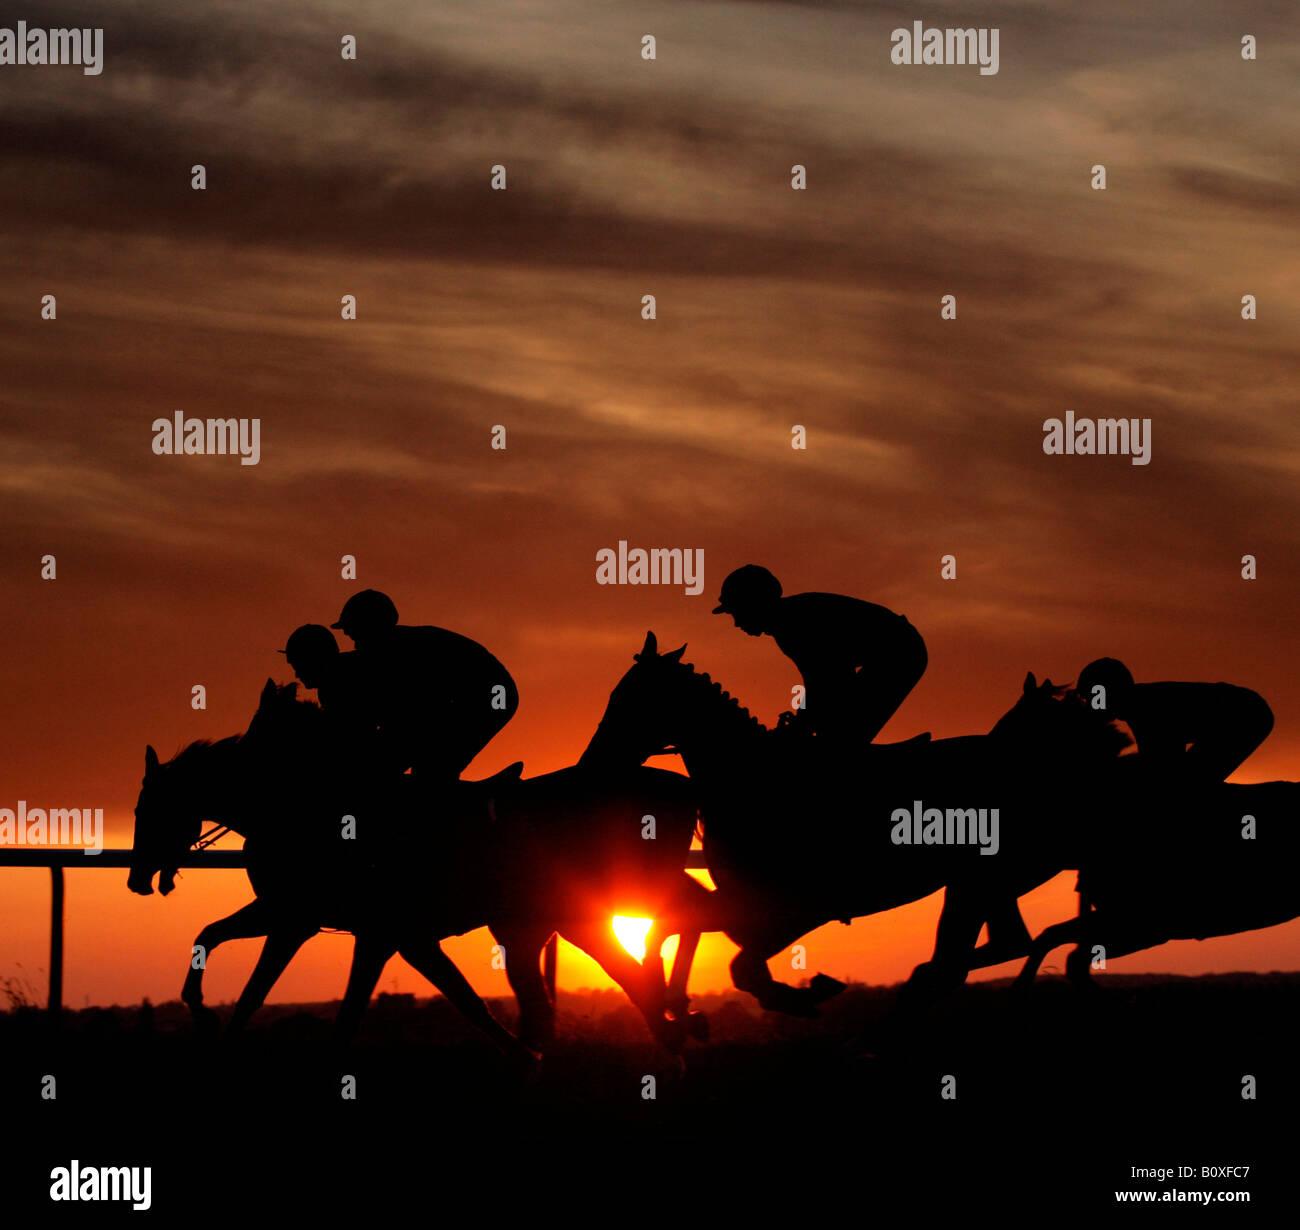 Caballos siluetas contra la puesta de sol en una carrera de noche reunión en el Hipódromo de Towcester Imagen De Stock